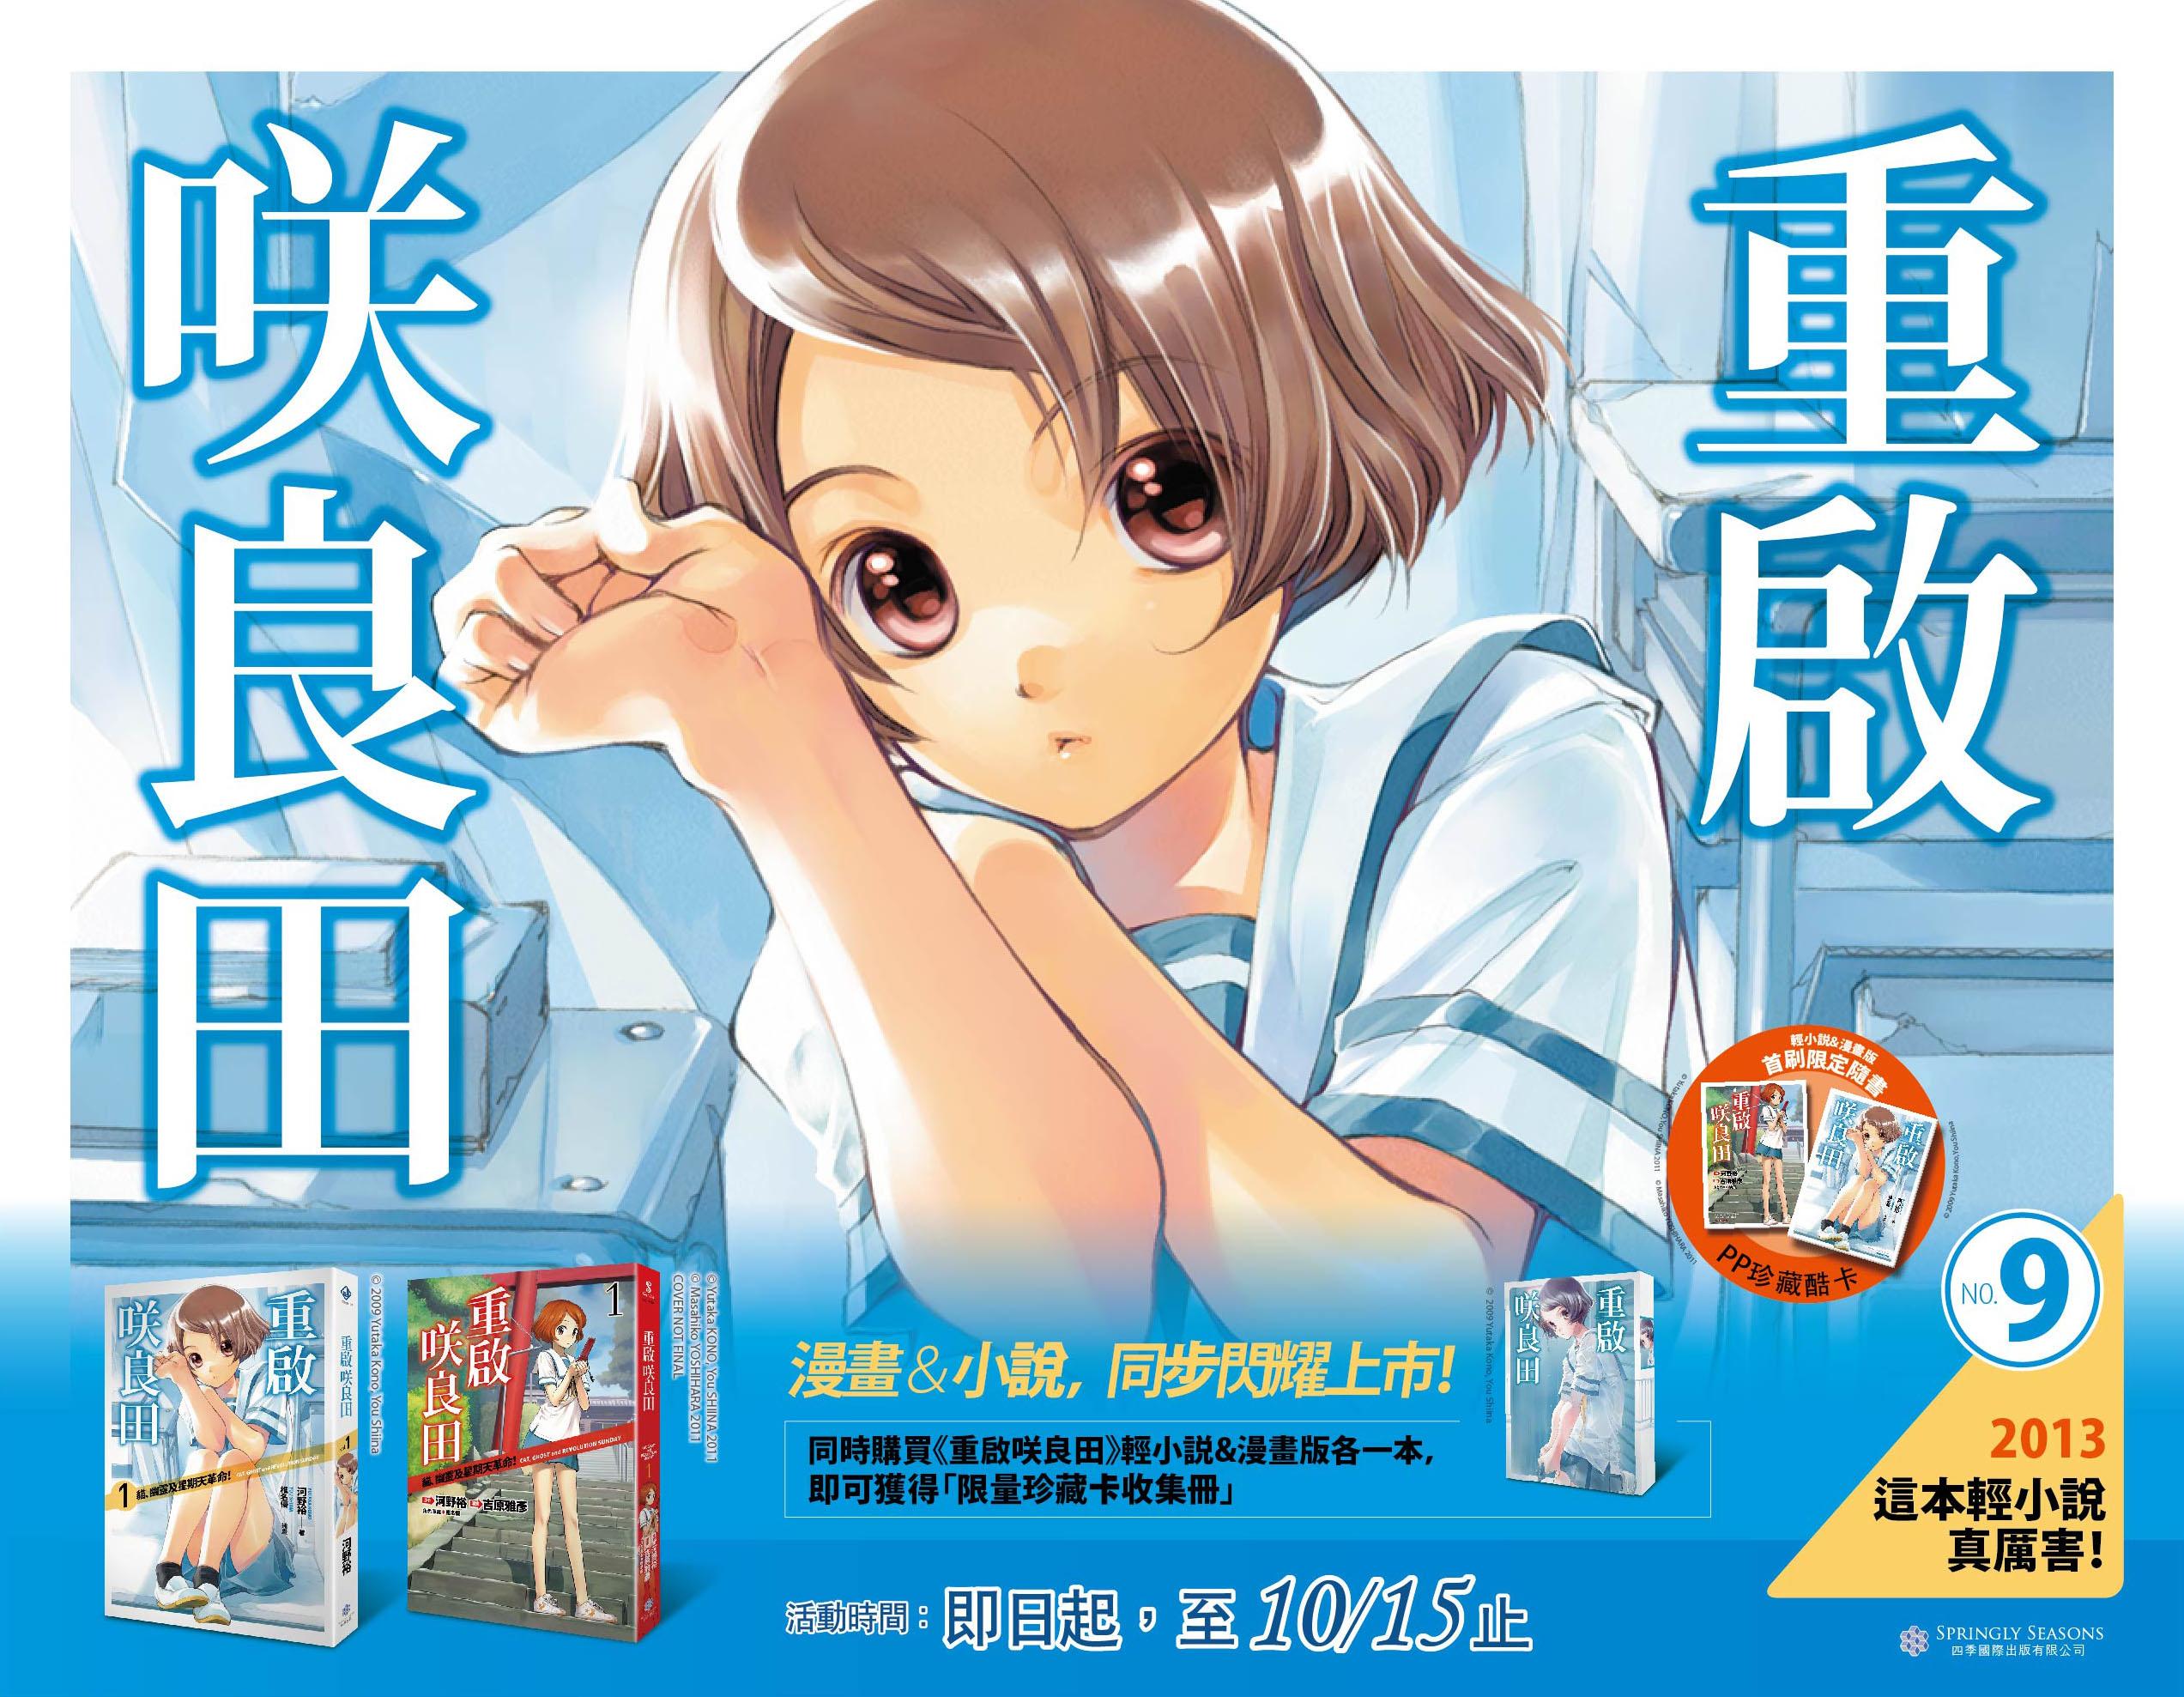 重啟咲良田1 小說&漫畫 上市活動